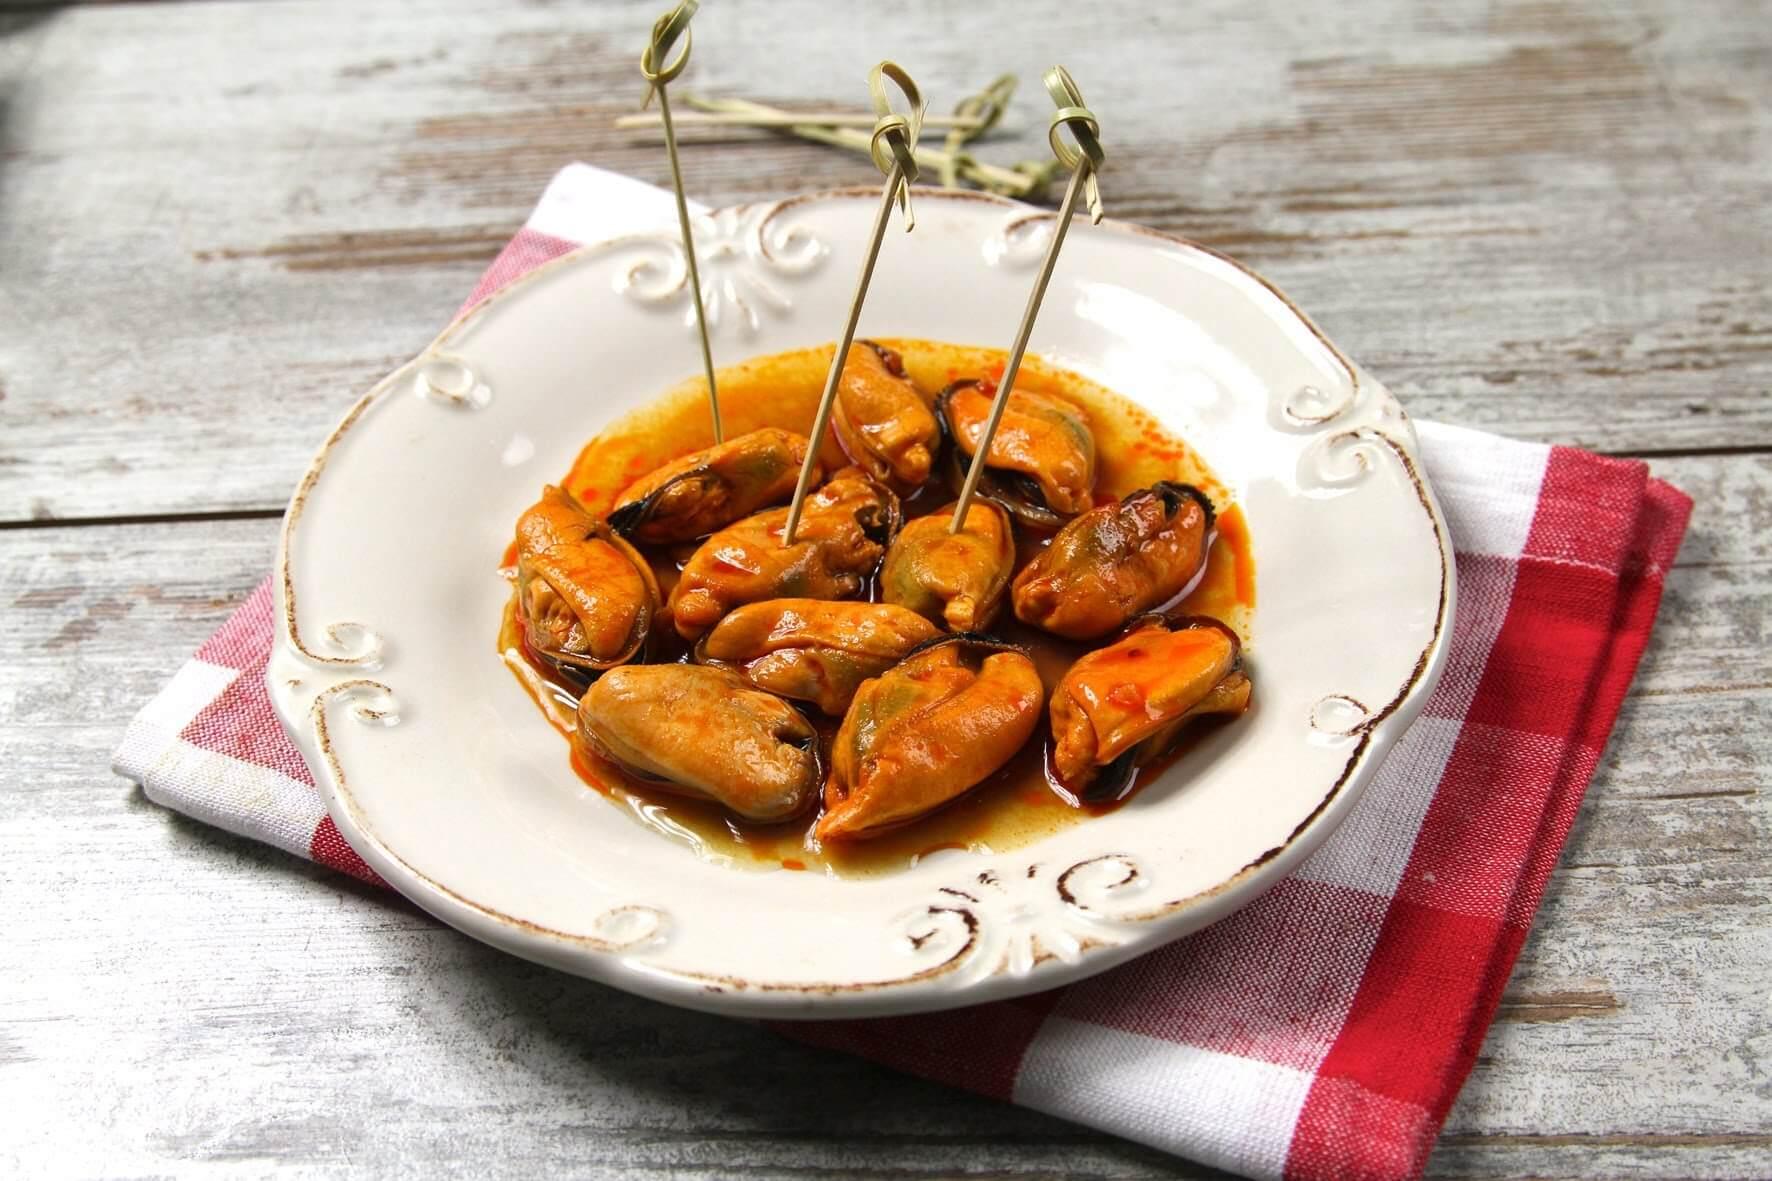 Cu ntas calor as tienen los mejillones cuantas calorias - Calorias boquerones en vinagre ...